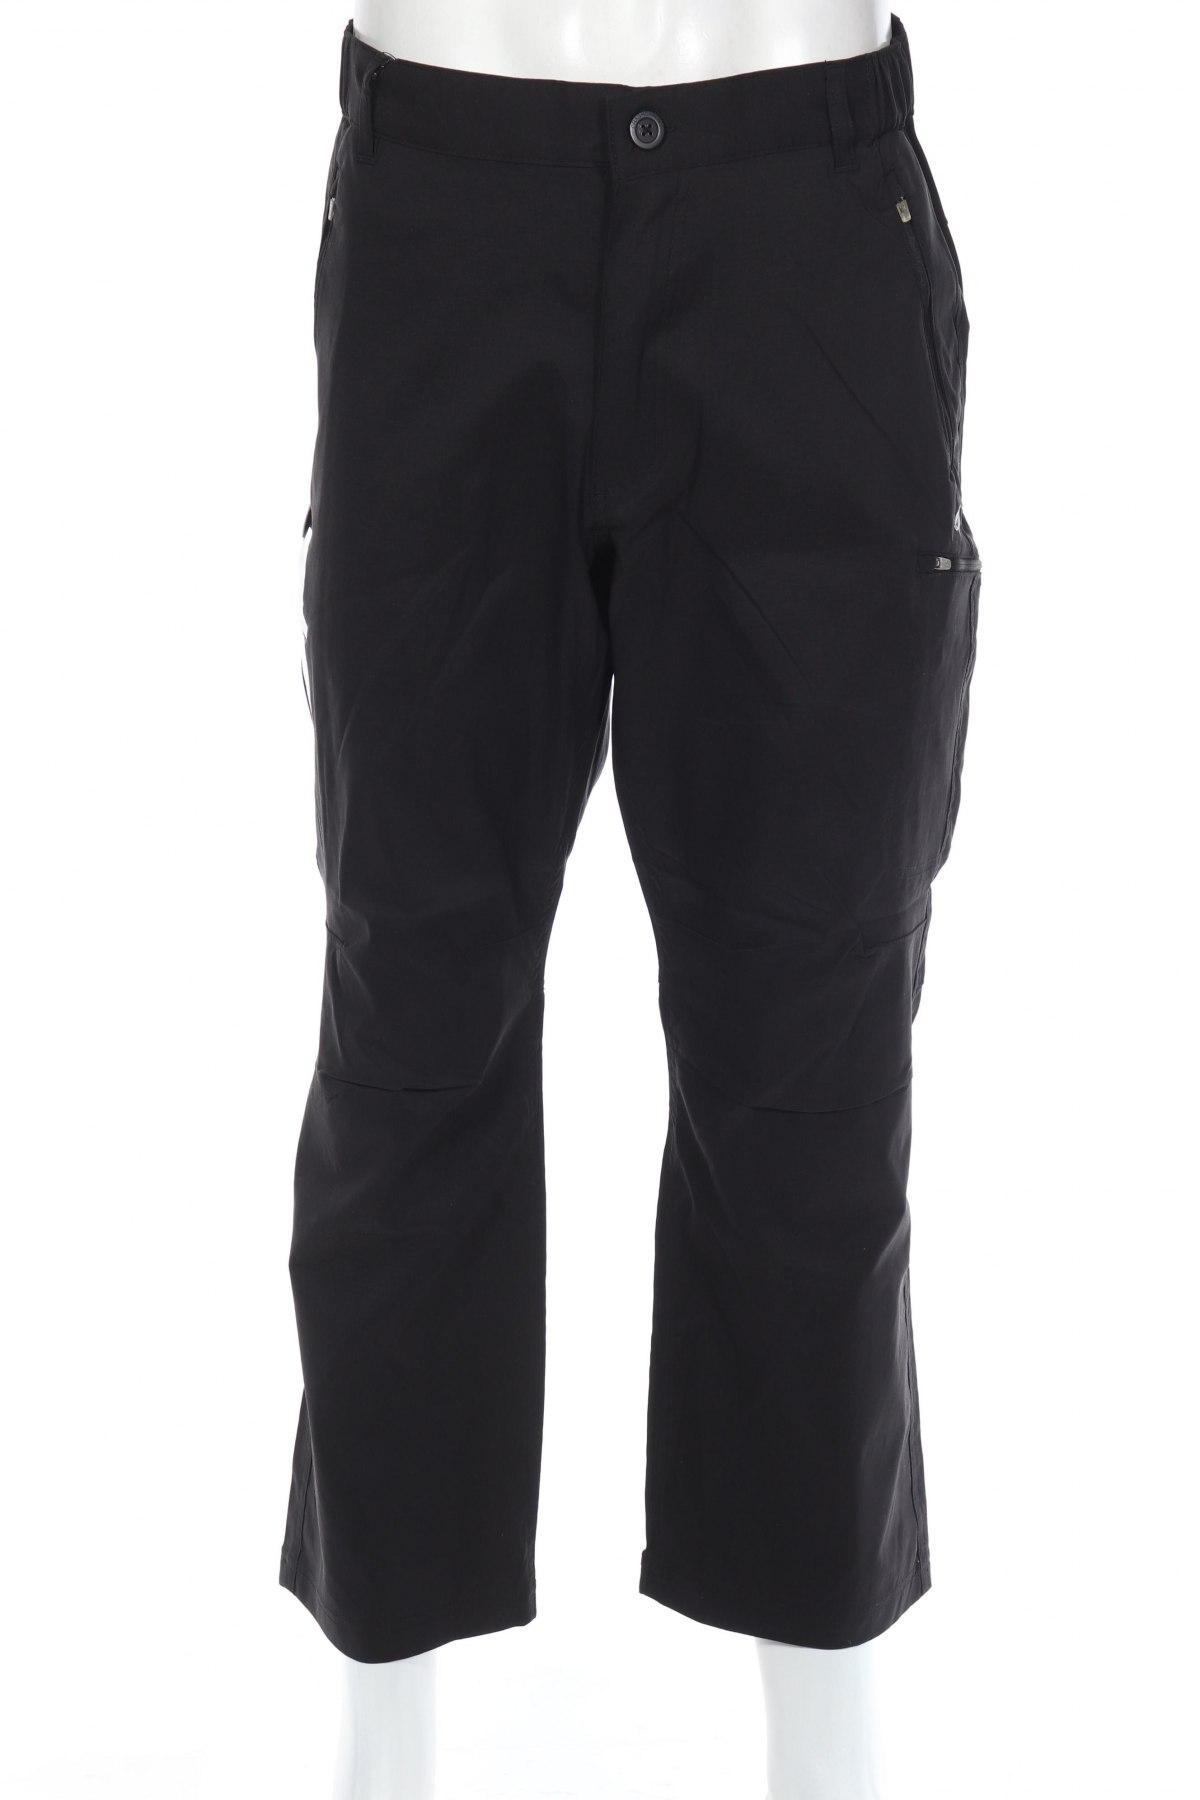 Мъжки спортен панталон Graghoppers, Размер L, Цвят Черен, 96% полиамид, 4% еластан, Цена 23,70лв.